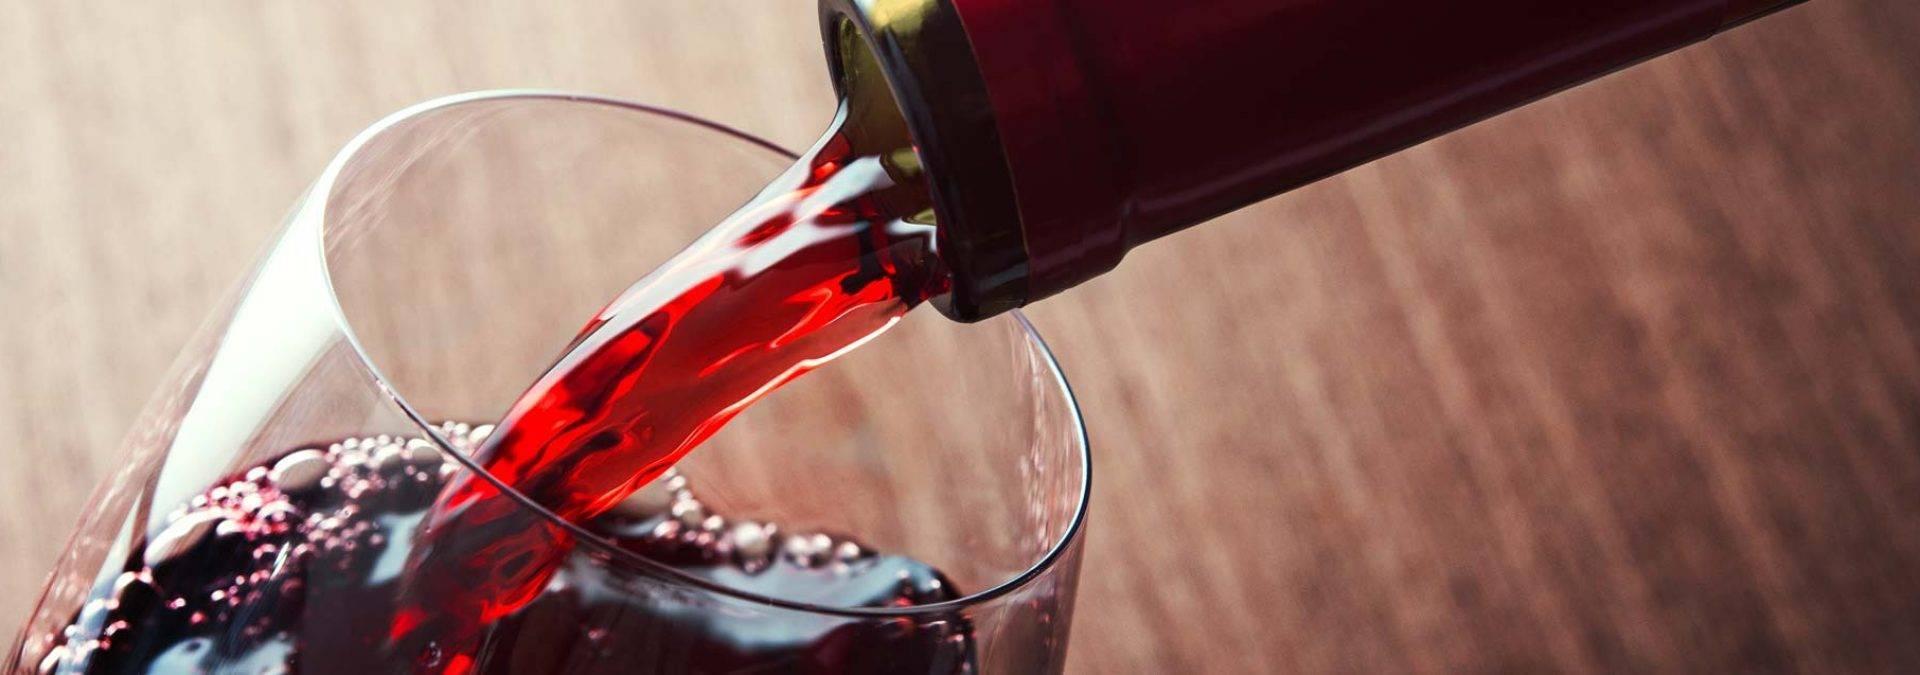 Сколько градусов в вине красном, белом, как определить крепость ?